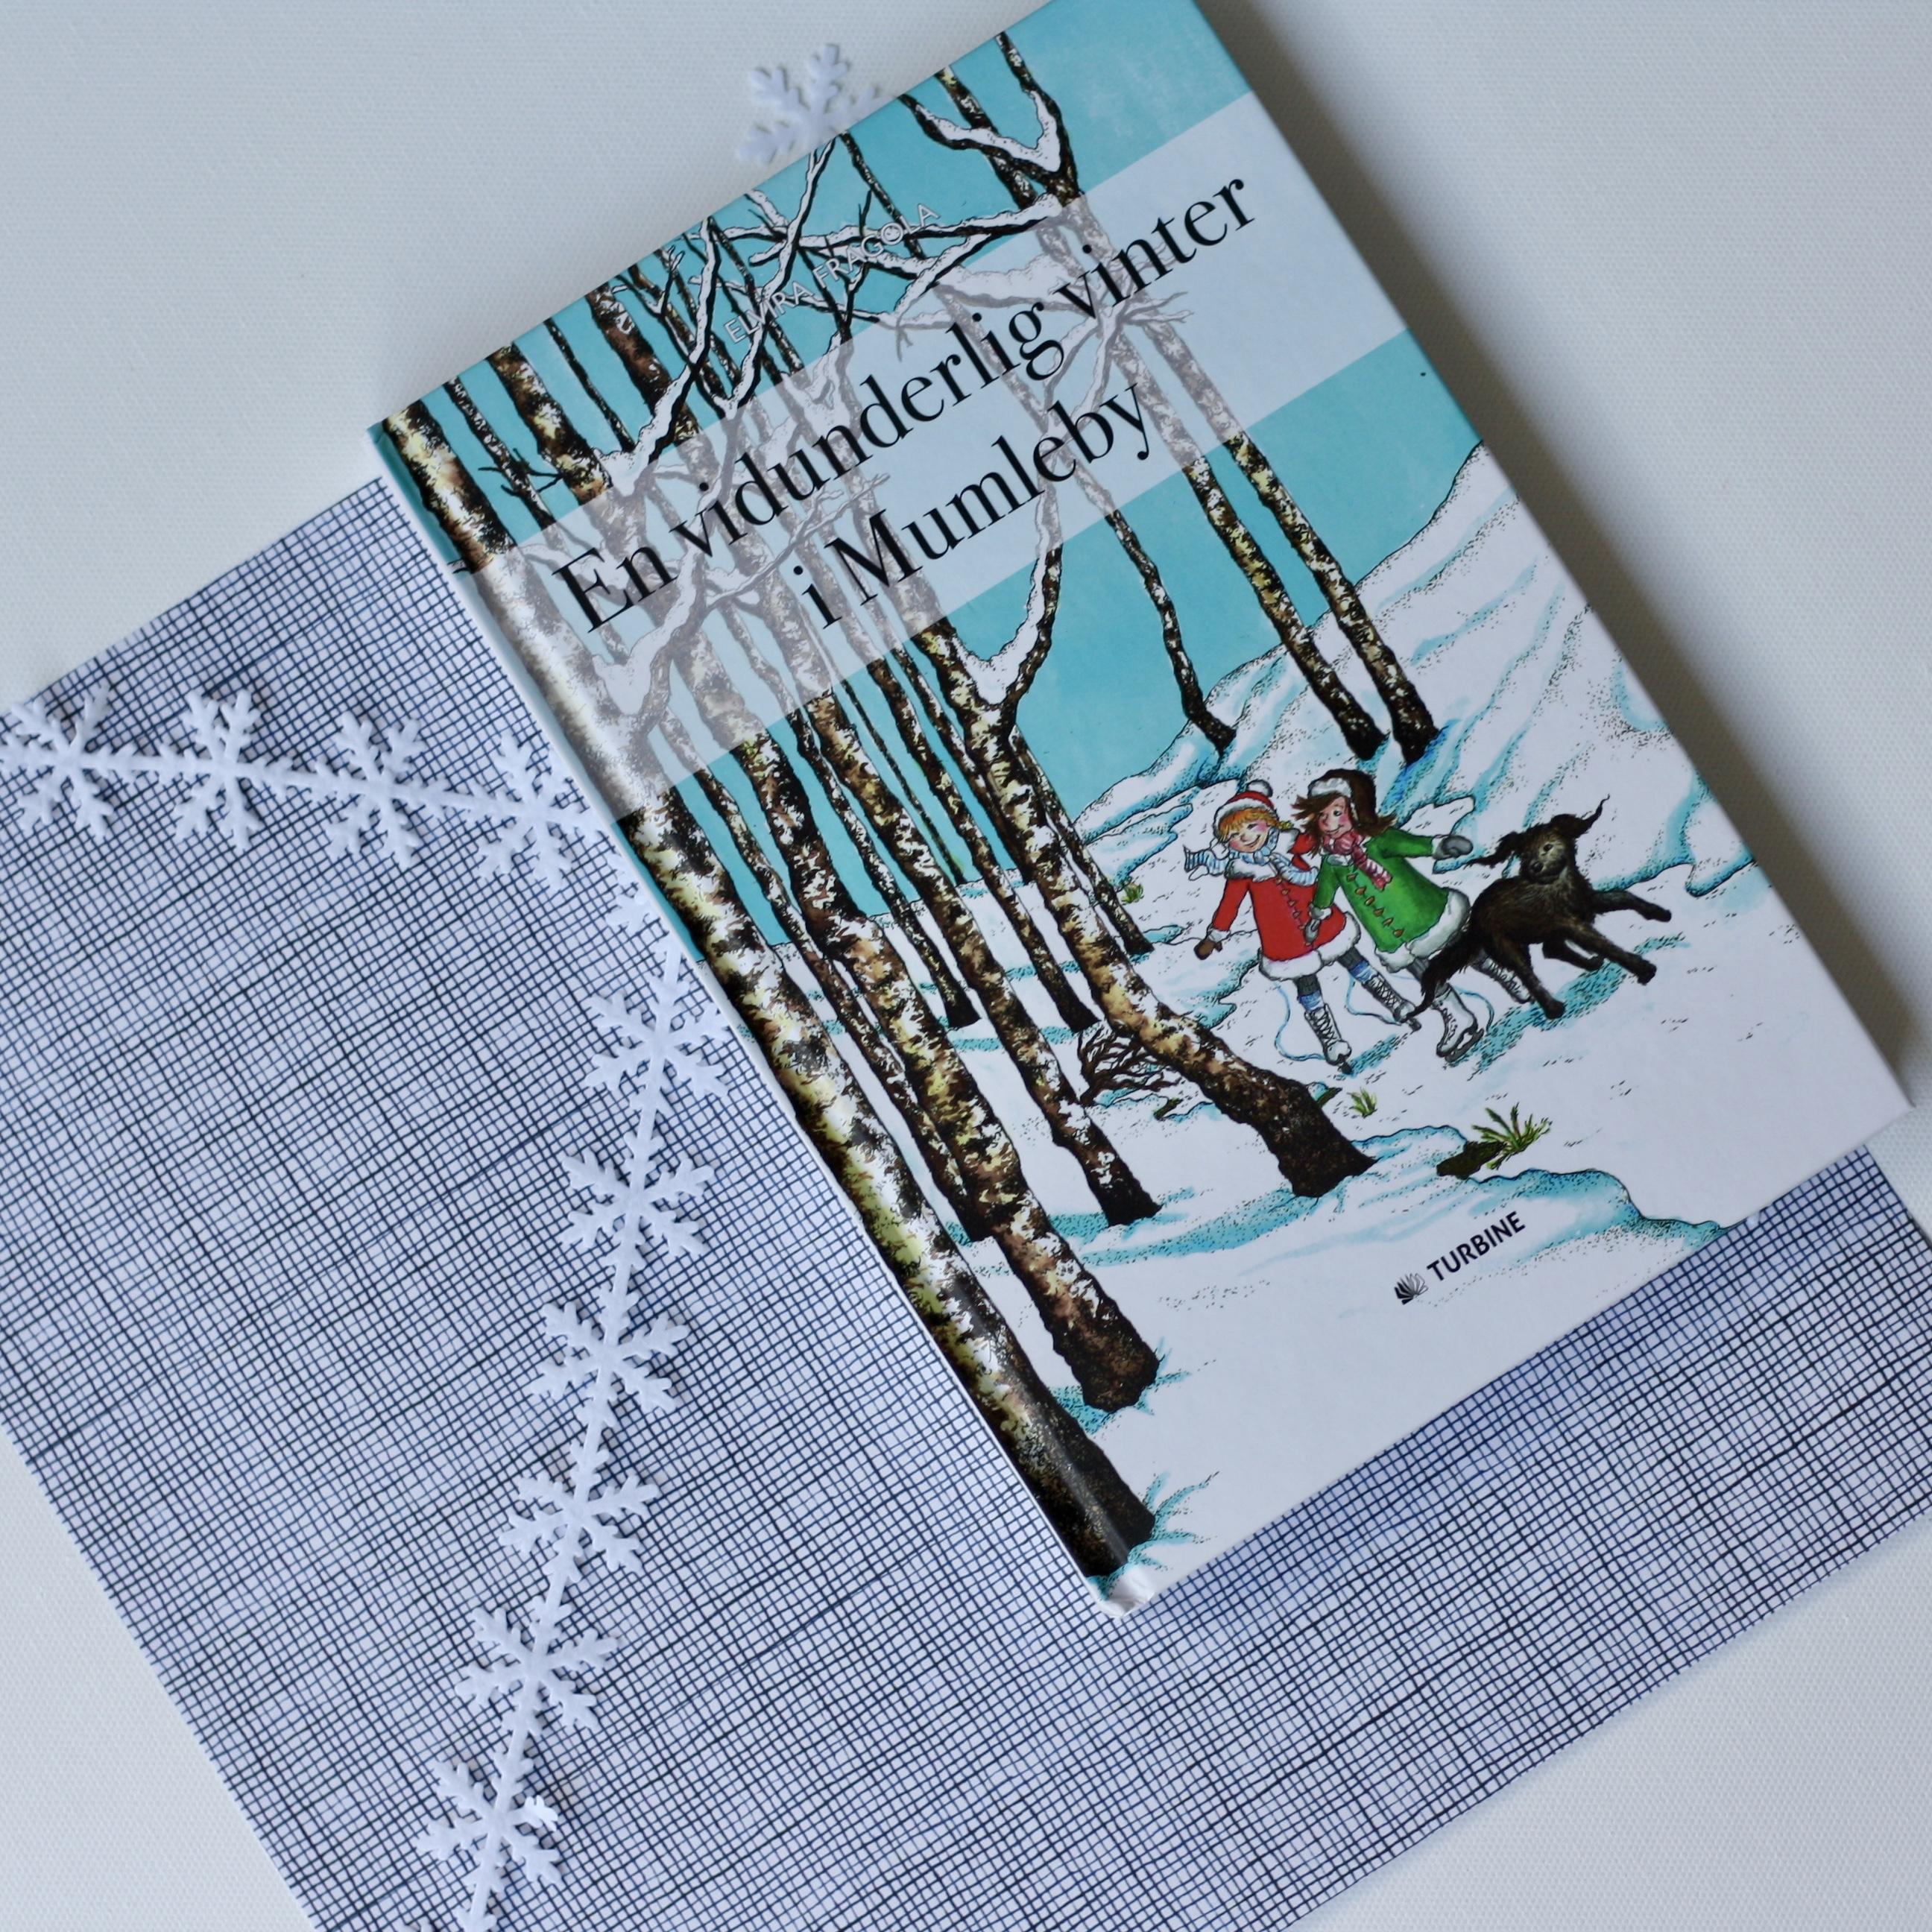 En vidunderlig vinter i Mumleby, Elvira Fragola, Bogoplevelsen